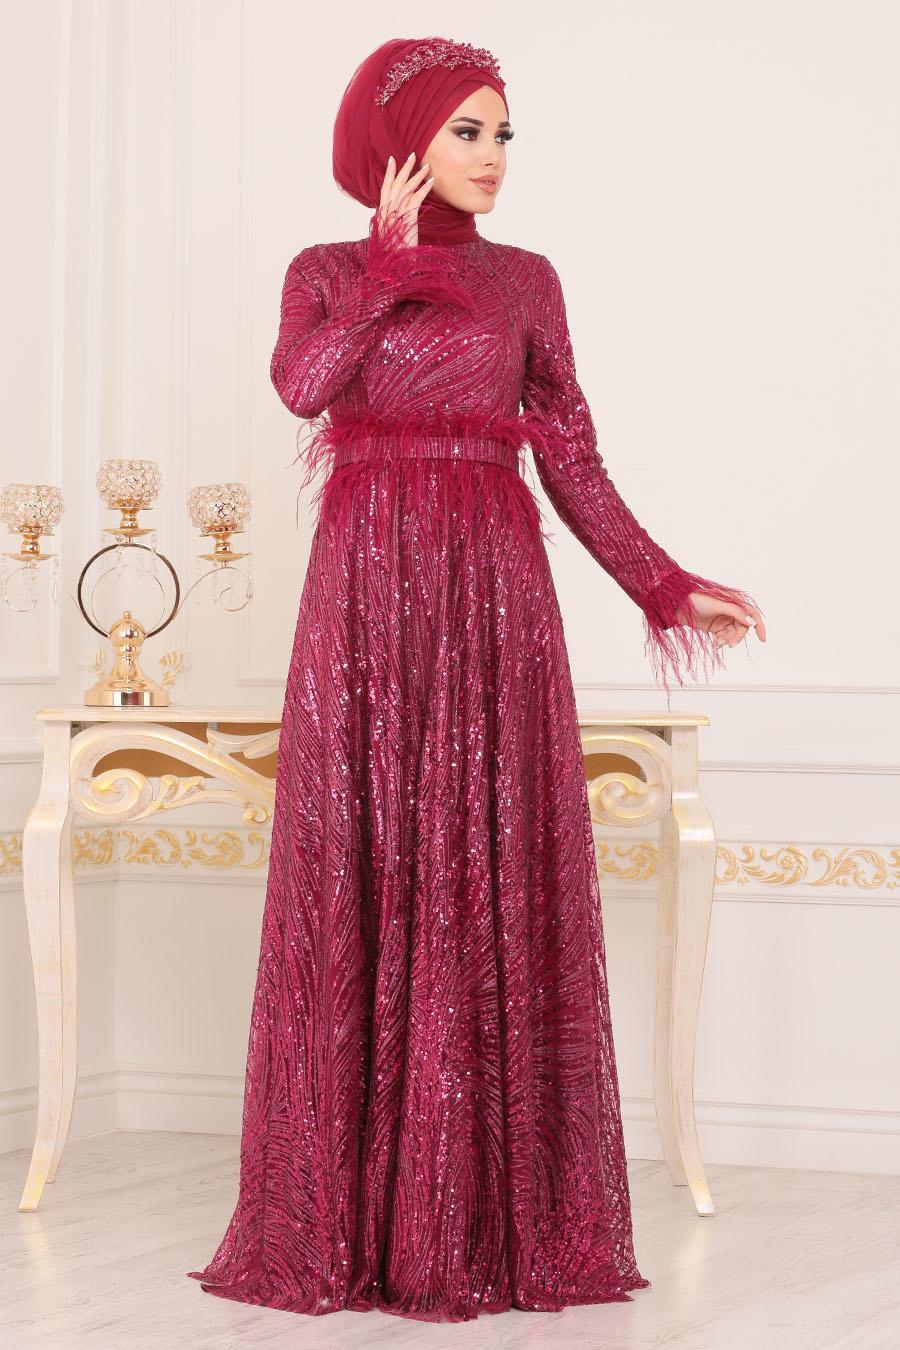 Tesettürlü Abiye Elbise - Otrişli Pul Payetli Vişne Tesettürlü Abiye Elbise 21090VSN